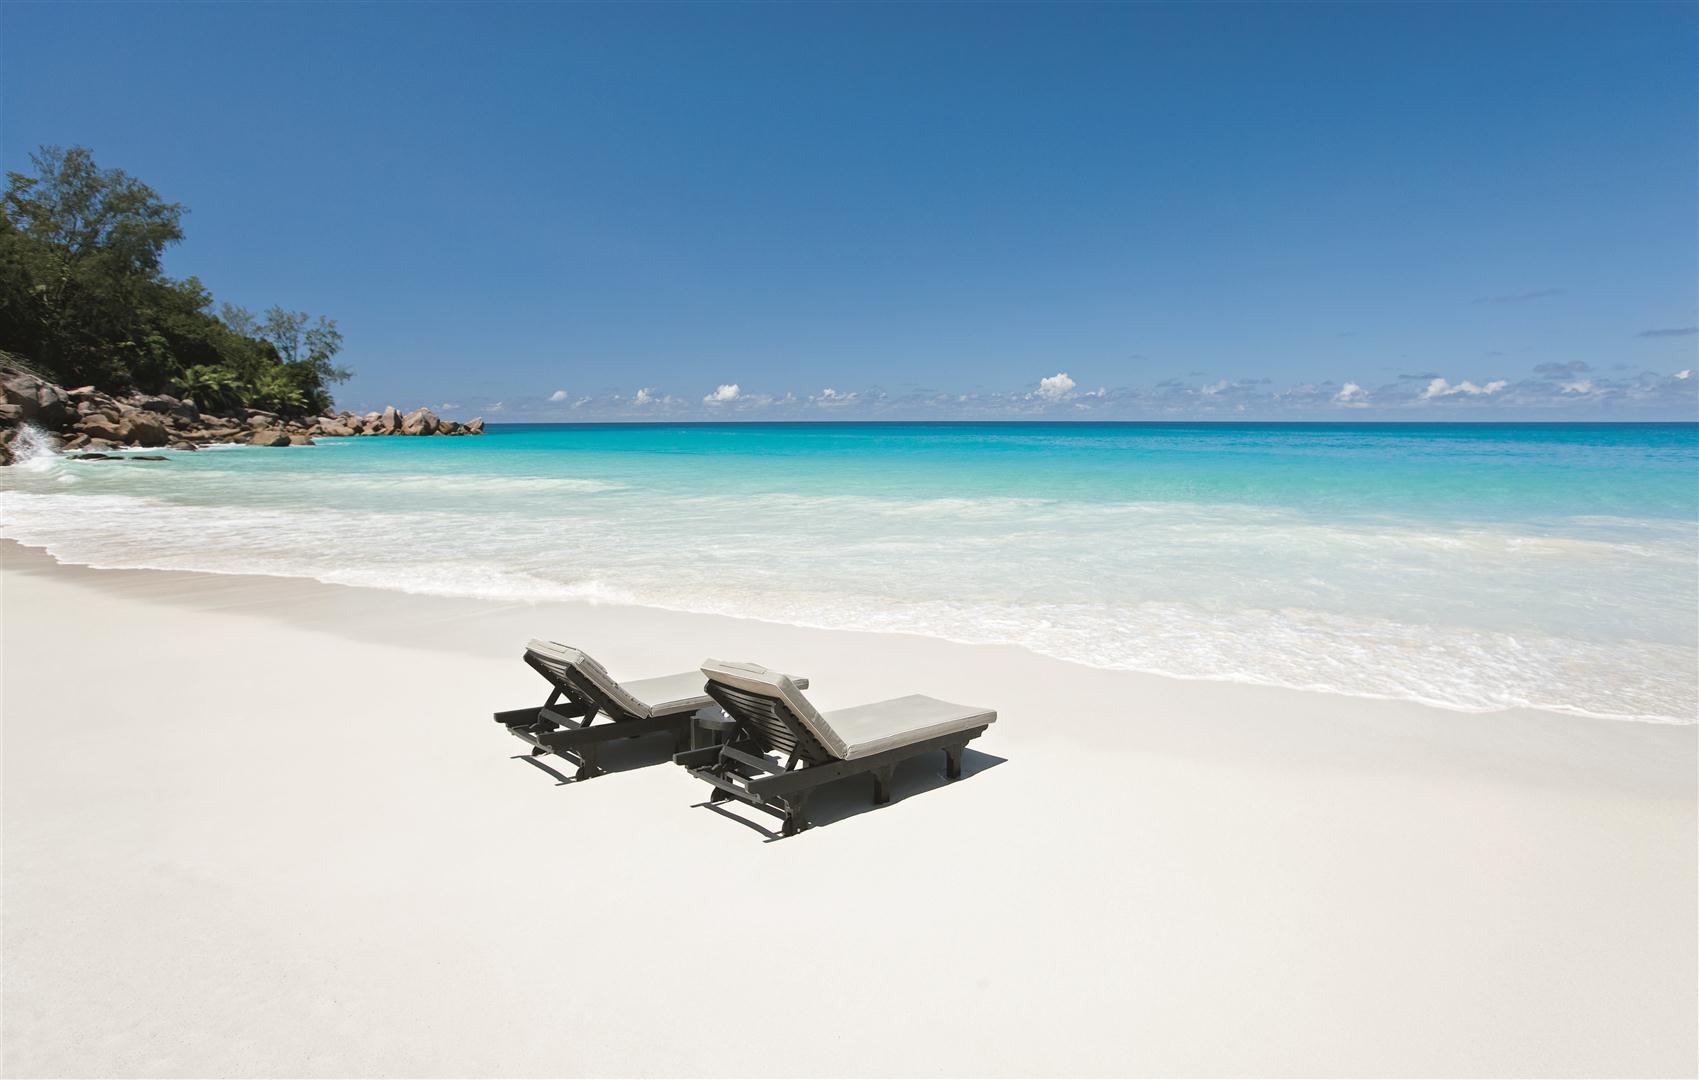 ... Large) - Luxury Travel Blog & Holiday Inspiration | Turquoise Holidays